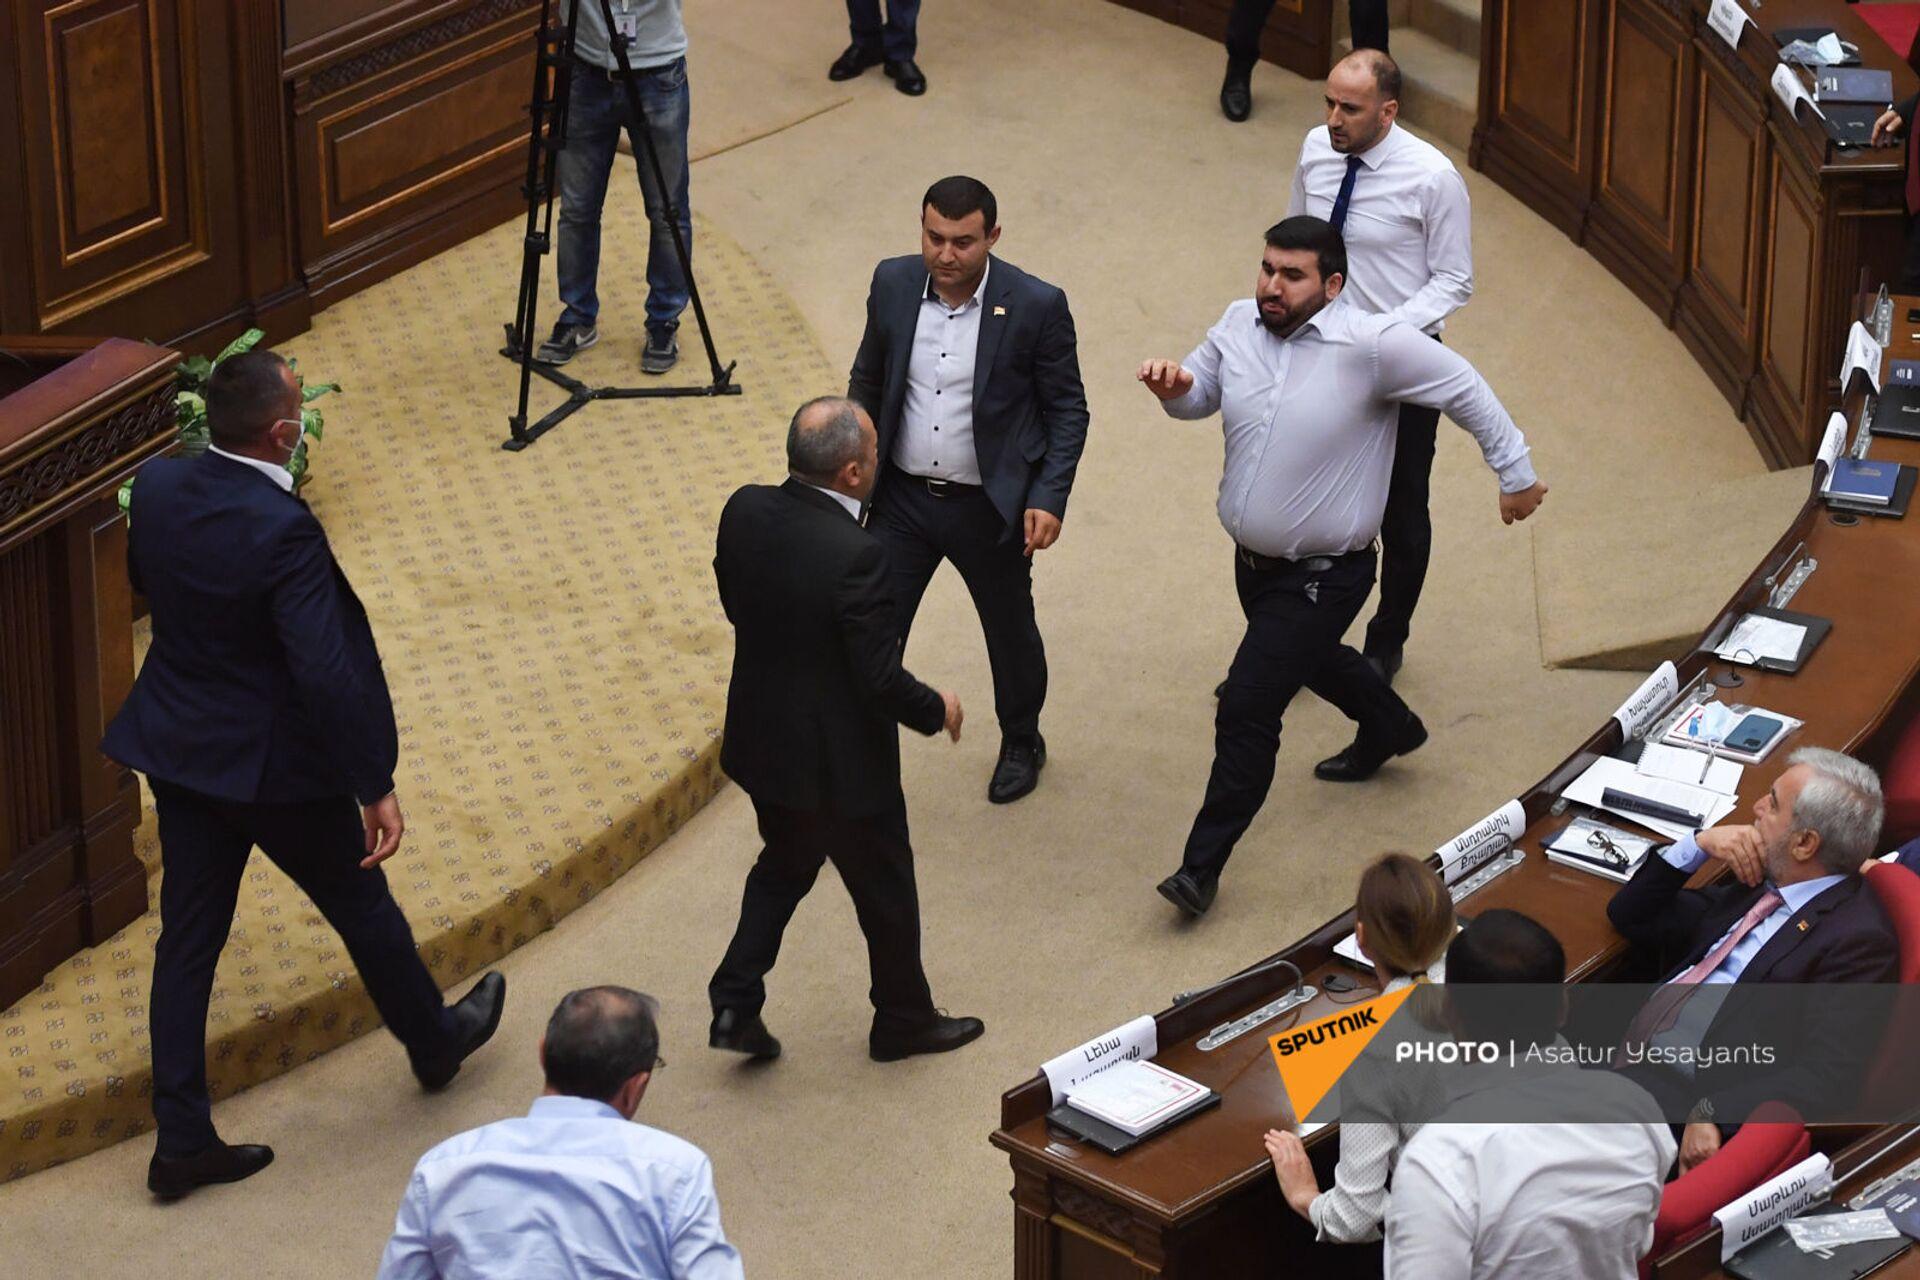 Une bagarre au parlement arménien le 25 août 2021 - Sputnik France, 1920, 21.09.2021